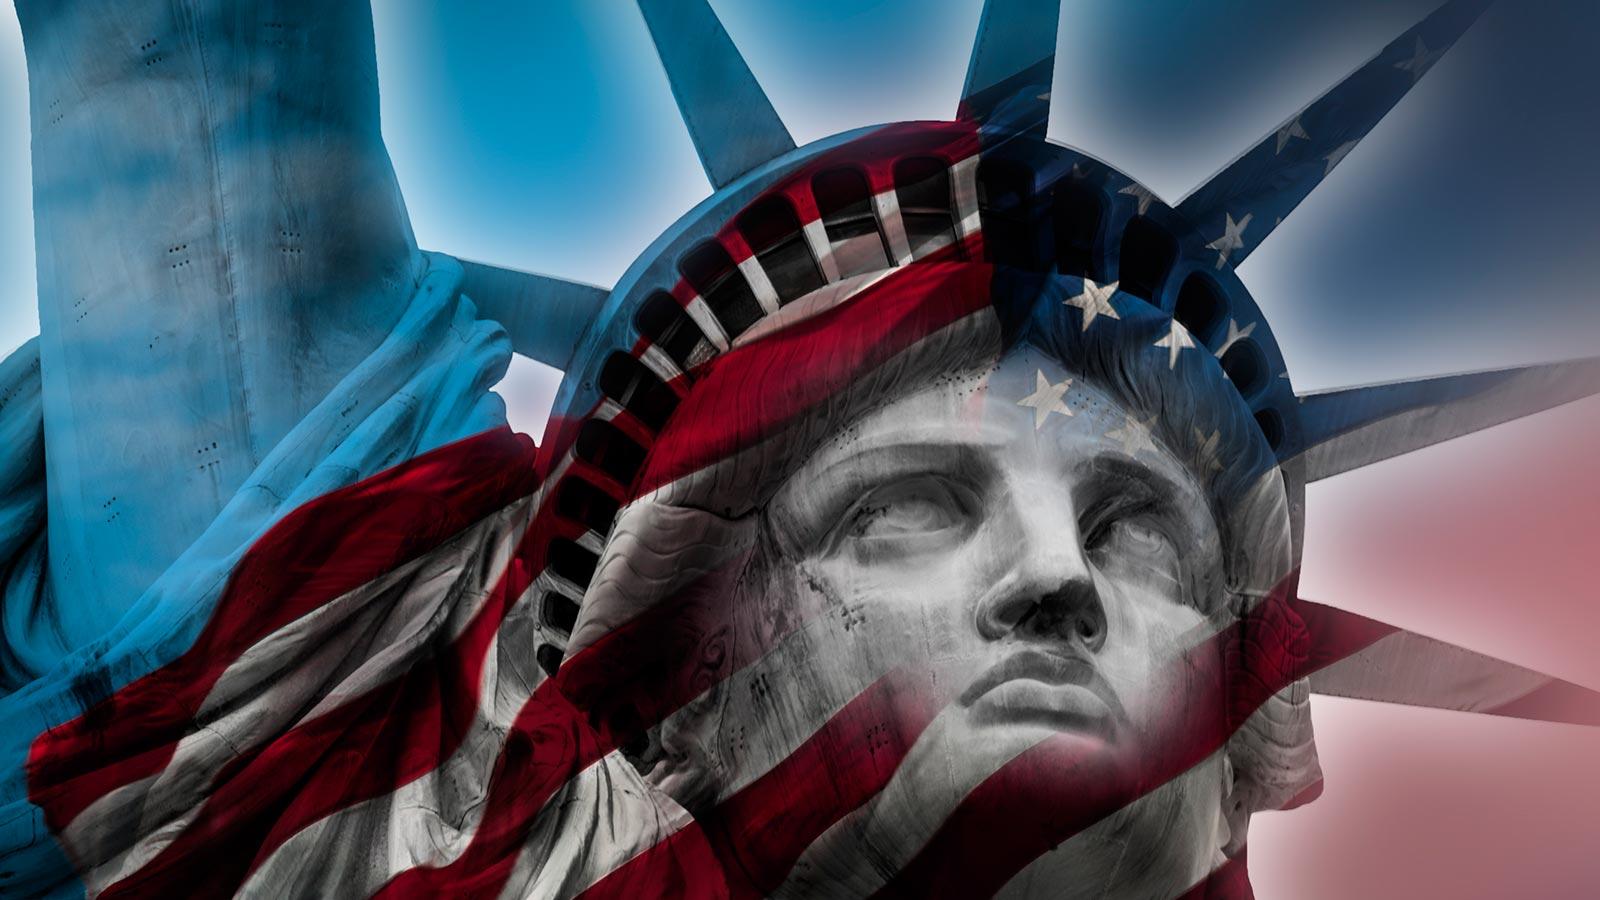 estatua da liberdade vai viajar